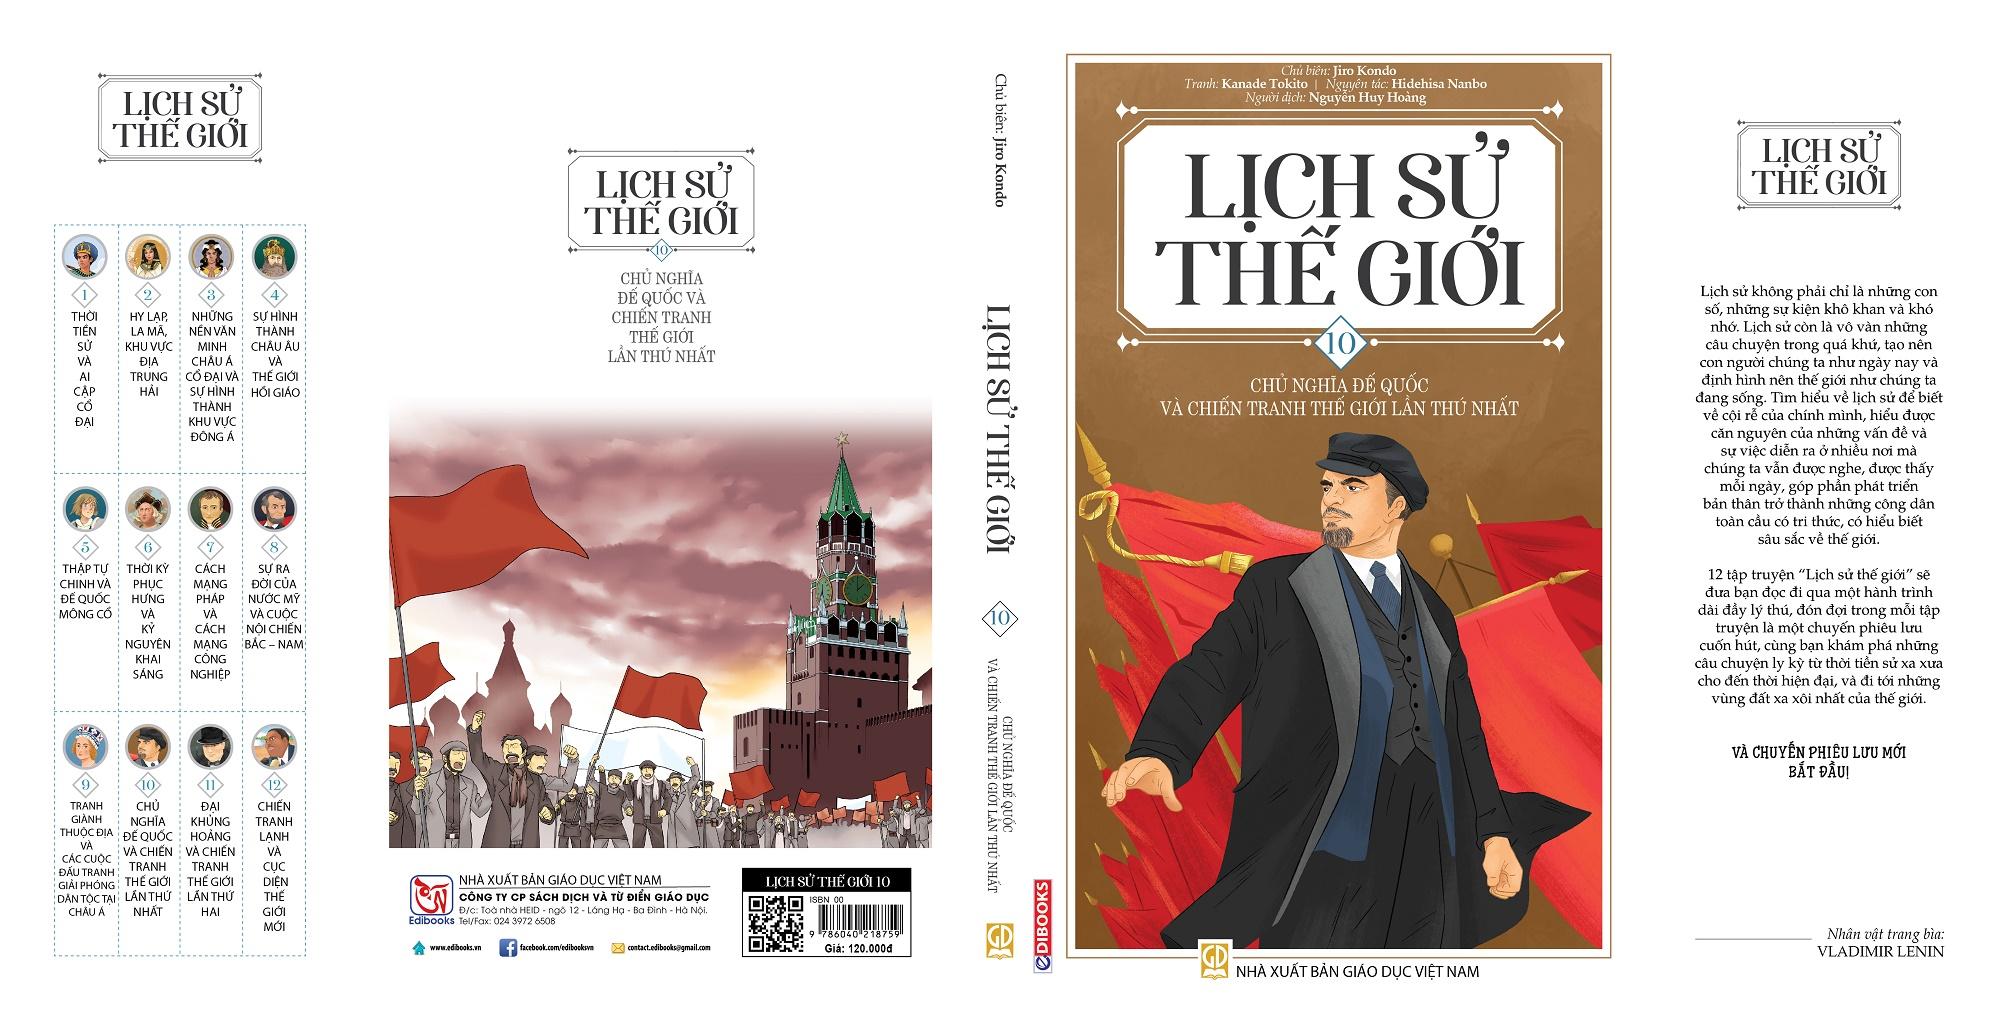 Lịch Sử Thế Giới - Tập 10: Chủ Nghĩa Đế Quốc và Chiến Tranh Thế Giới Lần Thứ Nhất